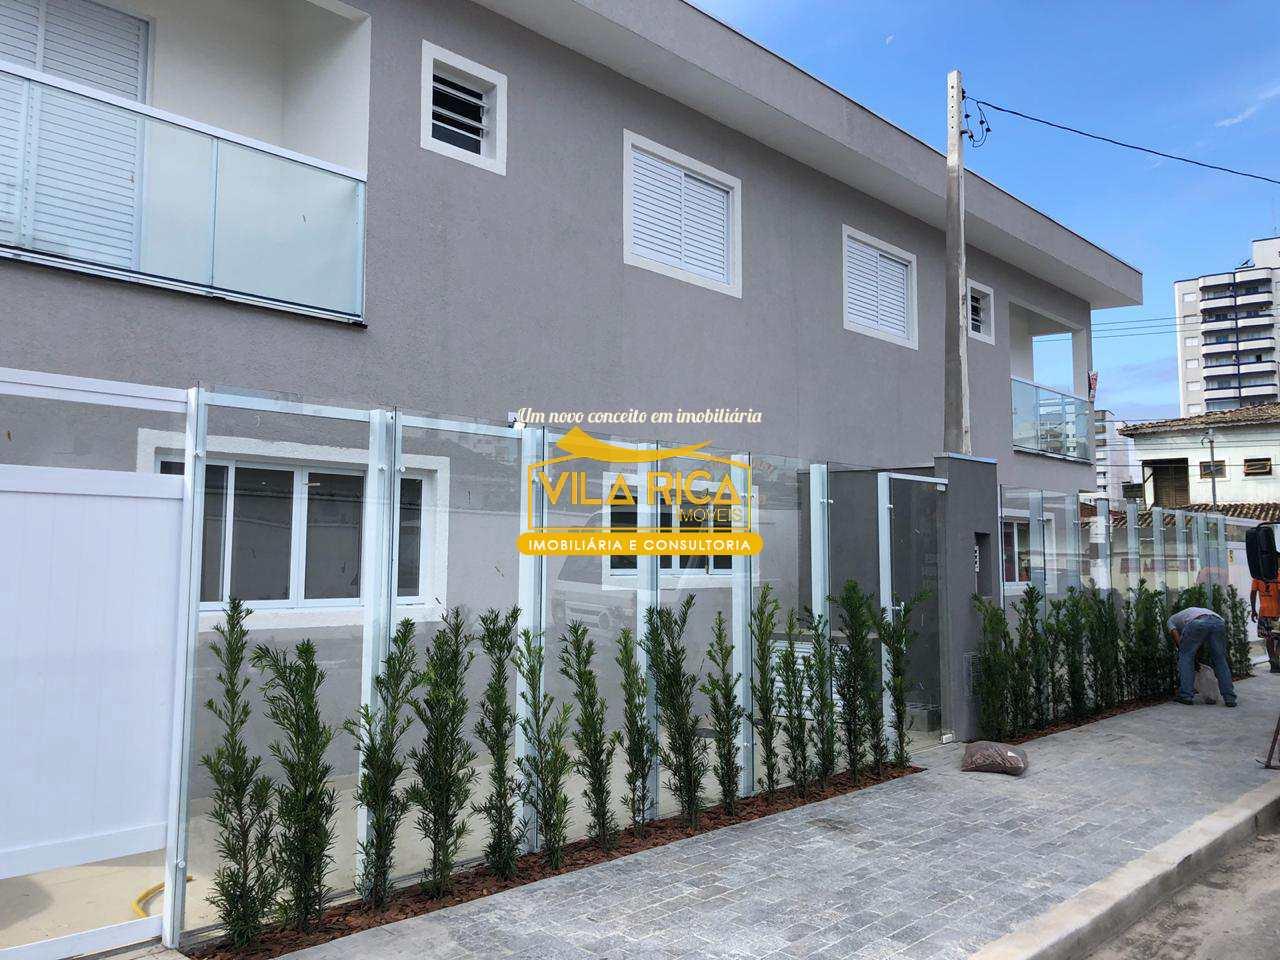 Sobrado com 3 dorms, Guilhermina, Praia Grande - R$ 530 mil, Cod: 376897